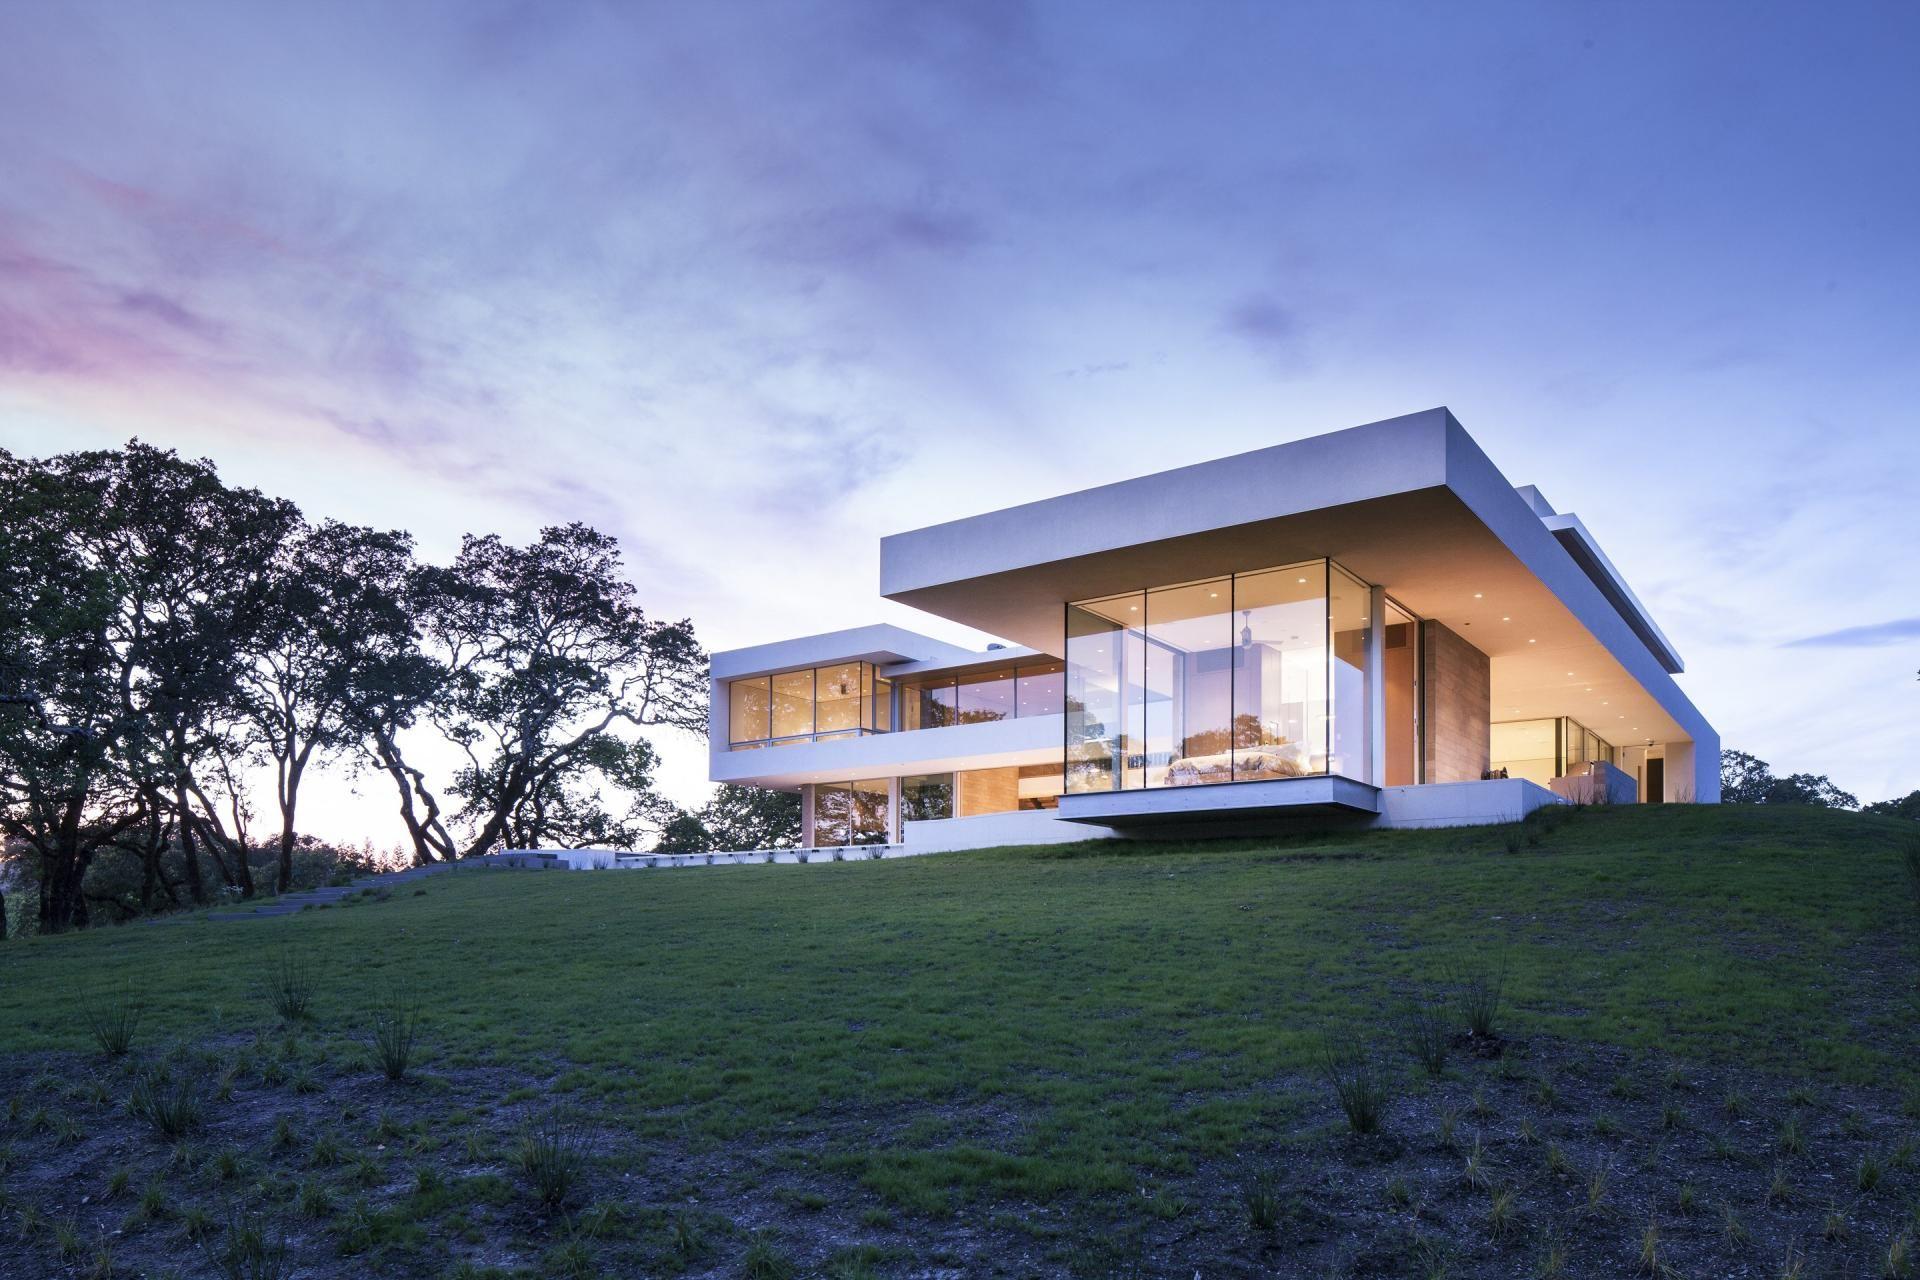 Traumhaus glashaus zeitgenössischen häuser moderne häuser moderne architektur modernes design weinberg haus design fassadengestaltung